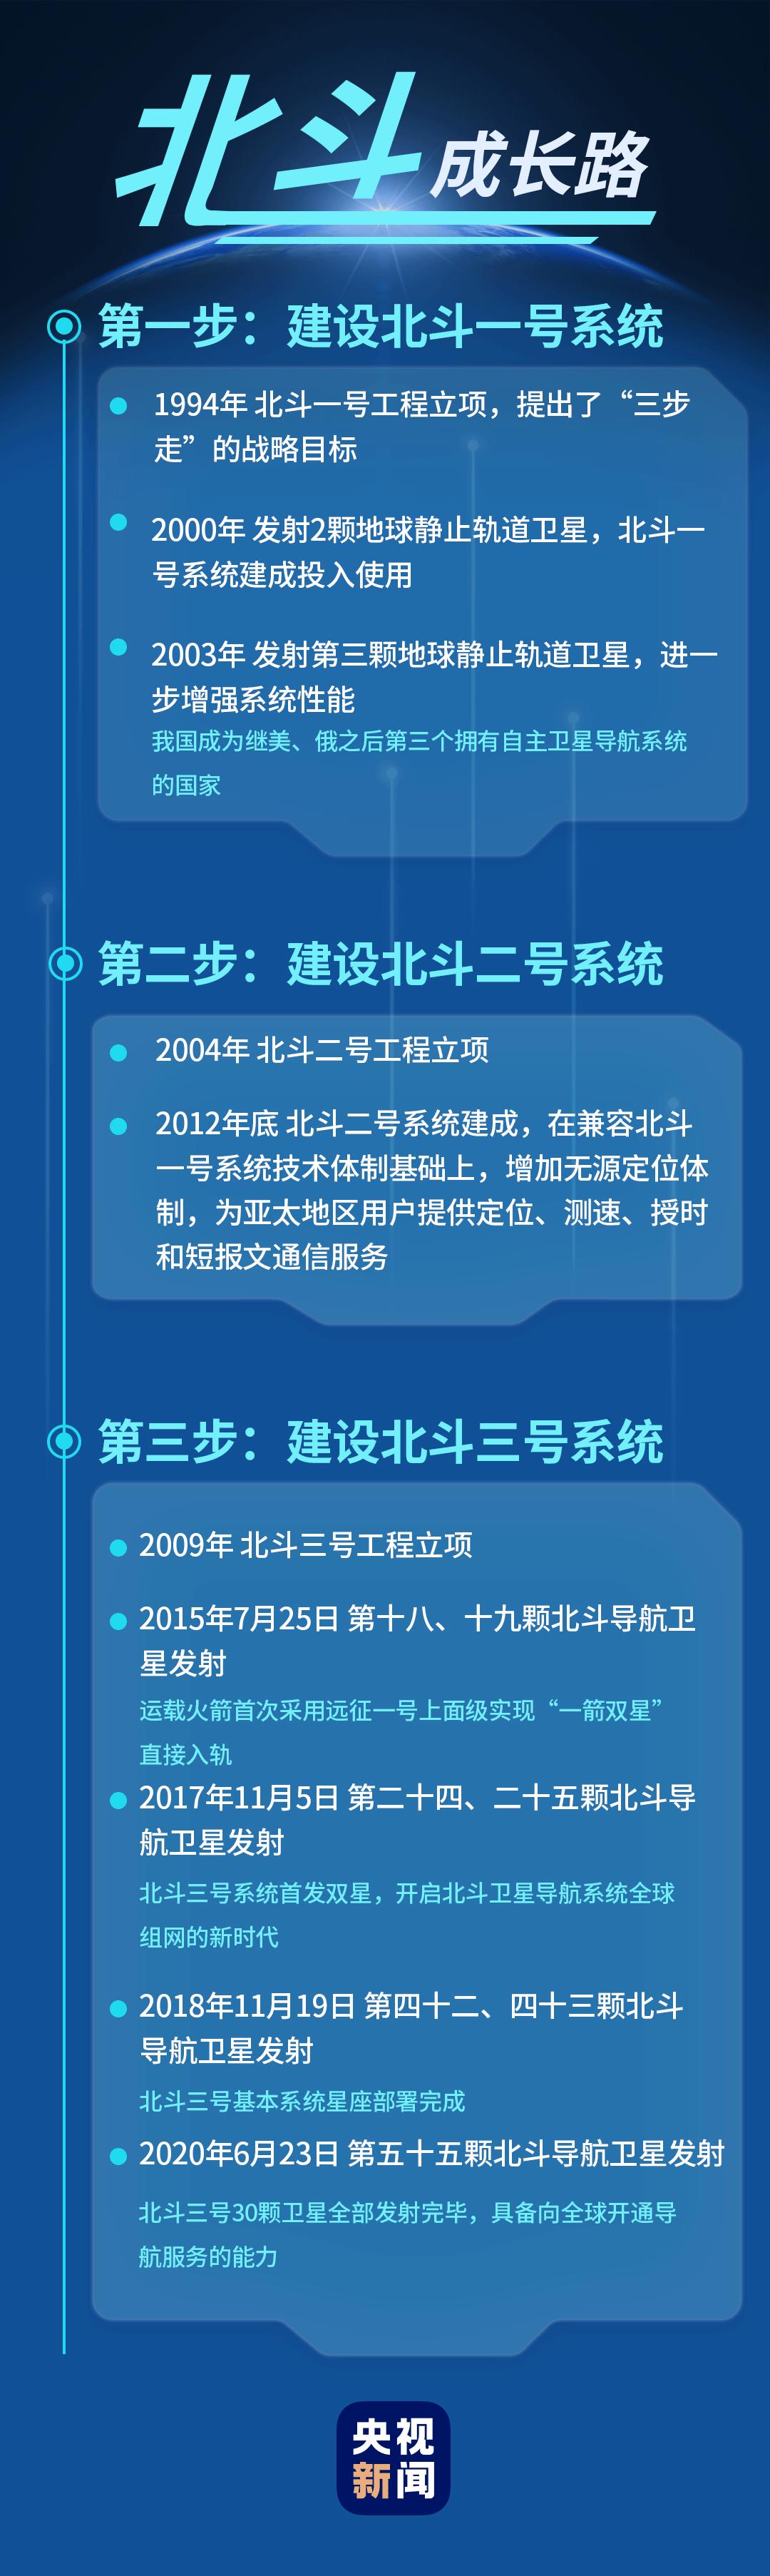 《【恒达在线登录注册】北斗闪耀全球 中华勇于追梦》